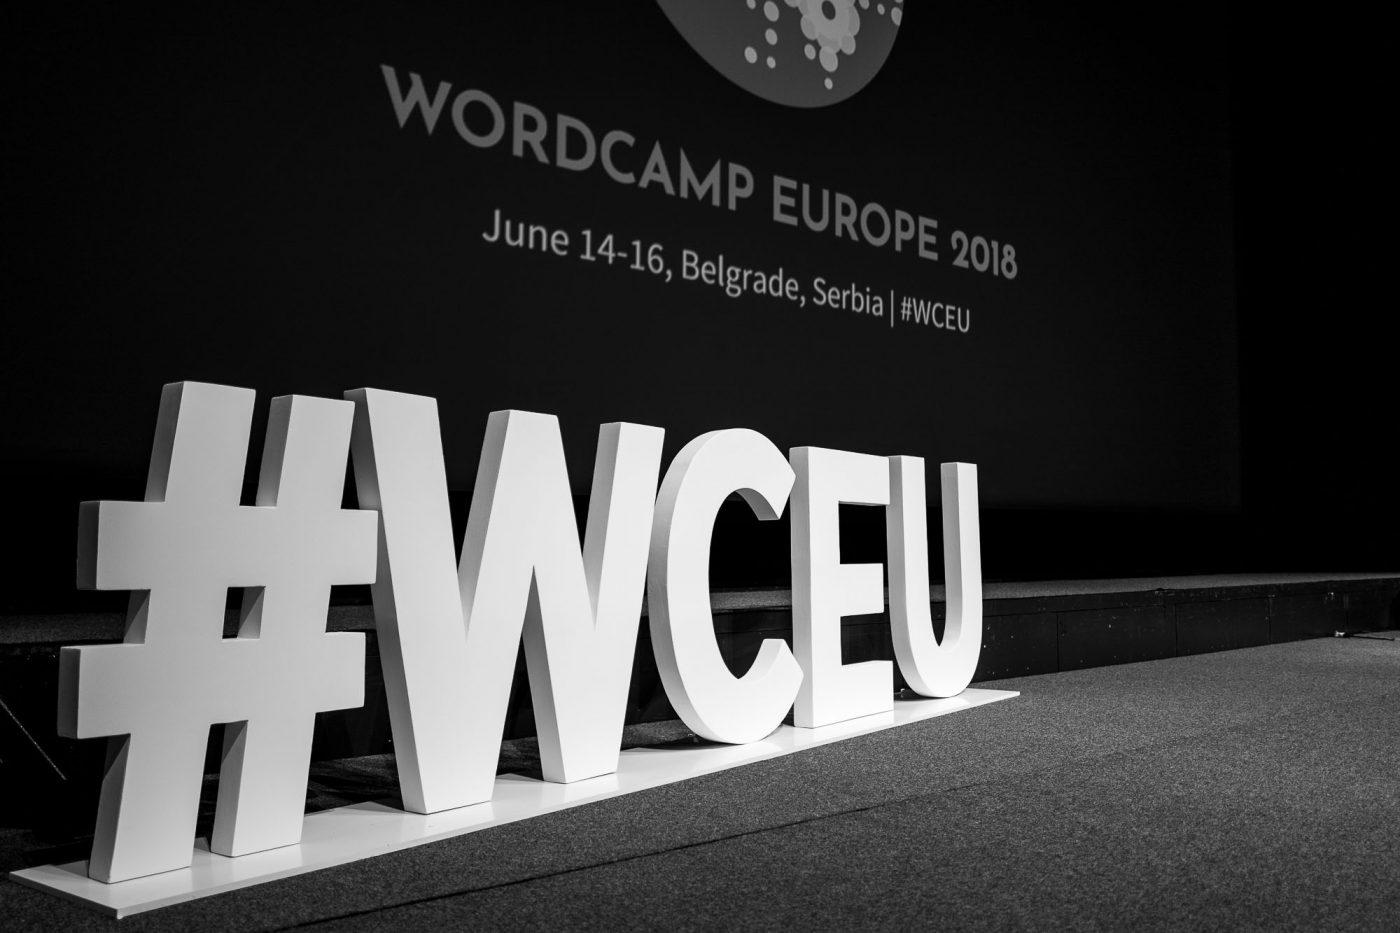 #WCEU - Hashtag auf der Bühne des WordCamp Europe's